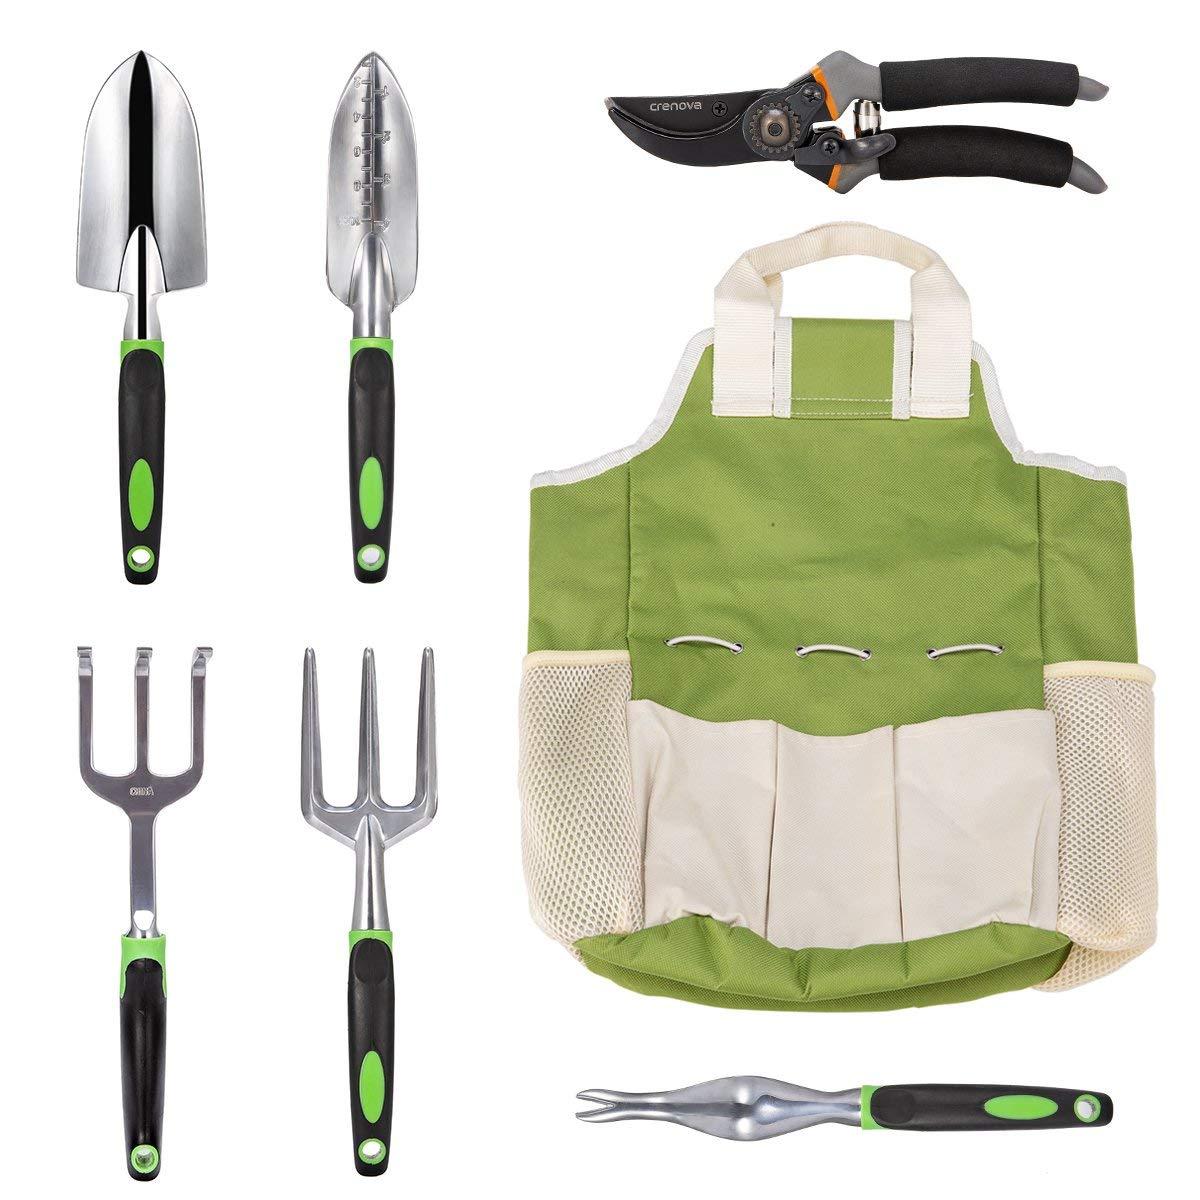 Crenova 7 Piece Garden Tools Set $17.99 + free shipping